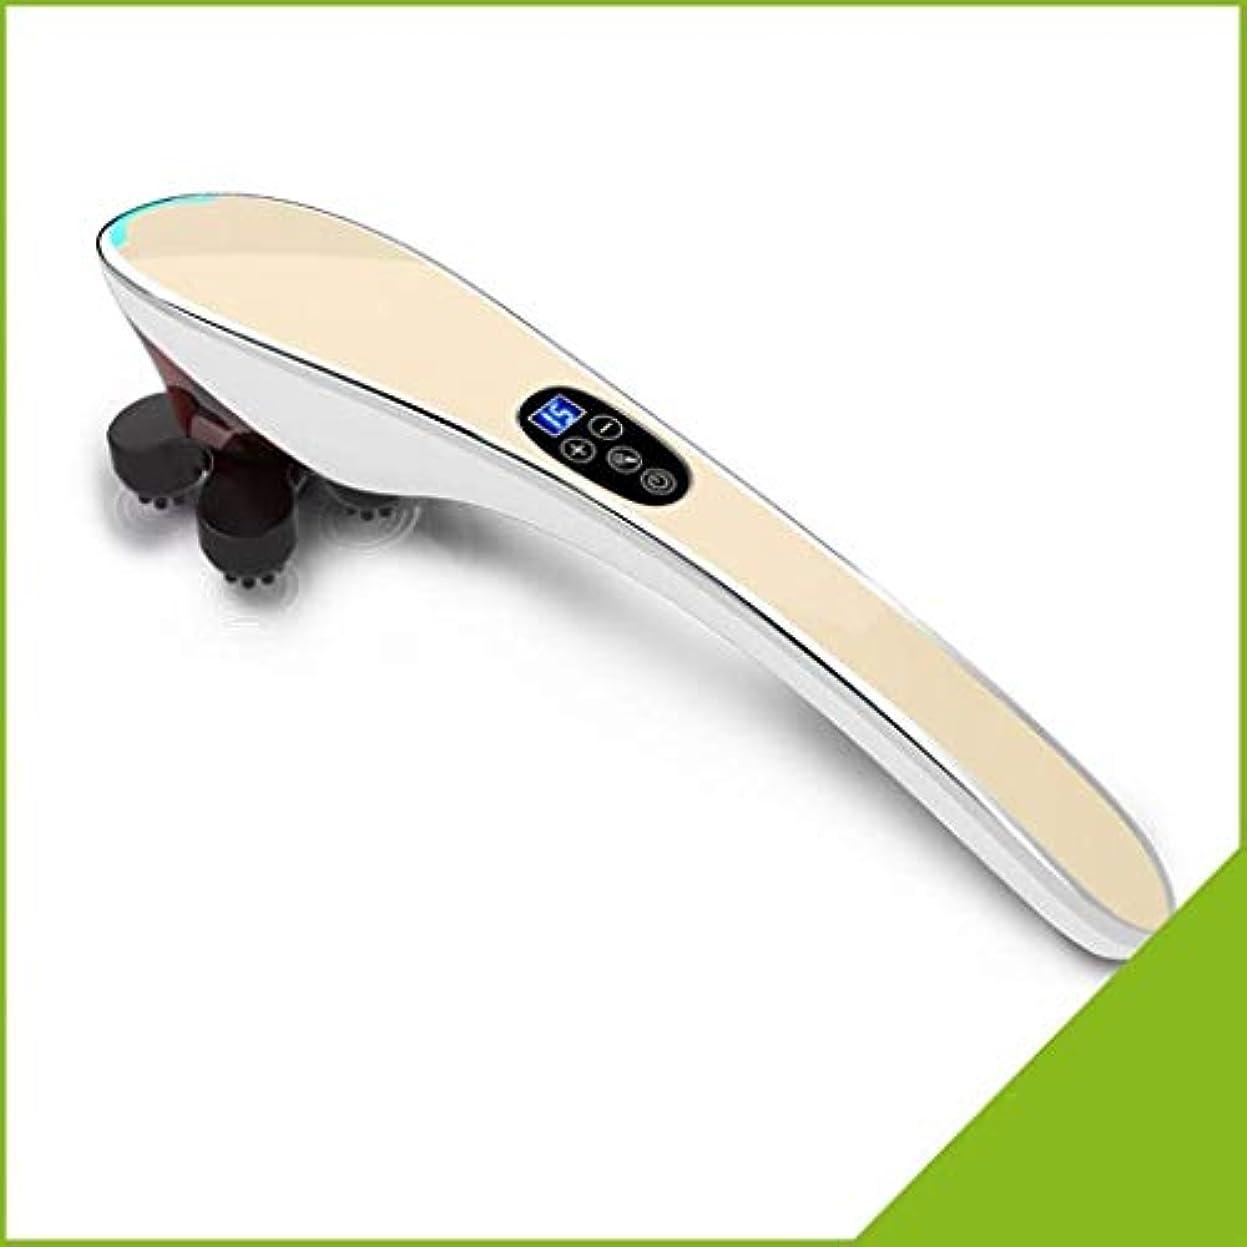 一貫したご飯便宜電気多機能マッサージ、ドルフィンハンドマッサージ、背中のマッサージハンマー、振動/赤外線/暖房/ローラーマッサージ、首/腰椎/ボディマッサージャー (Color : ゴールド, Size : Charging)